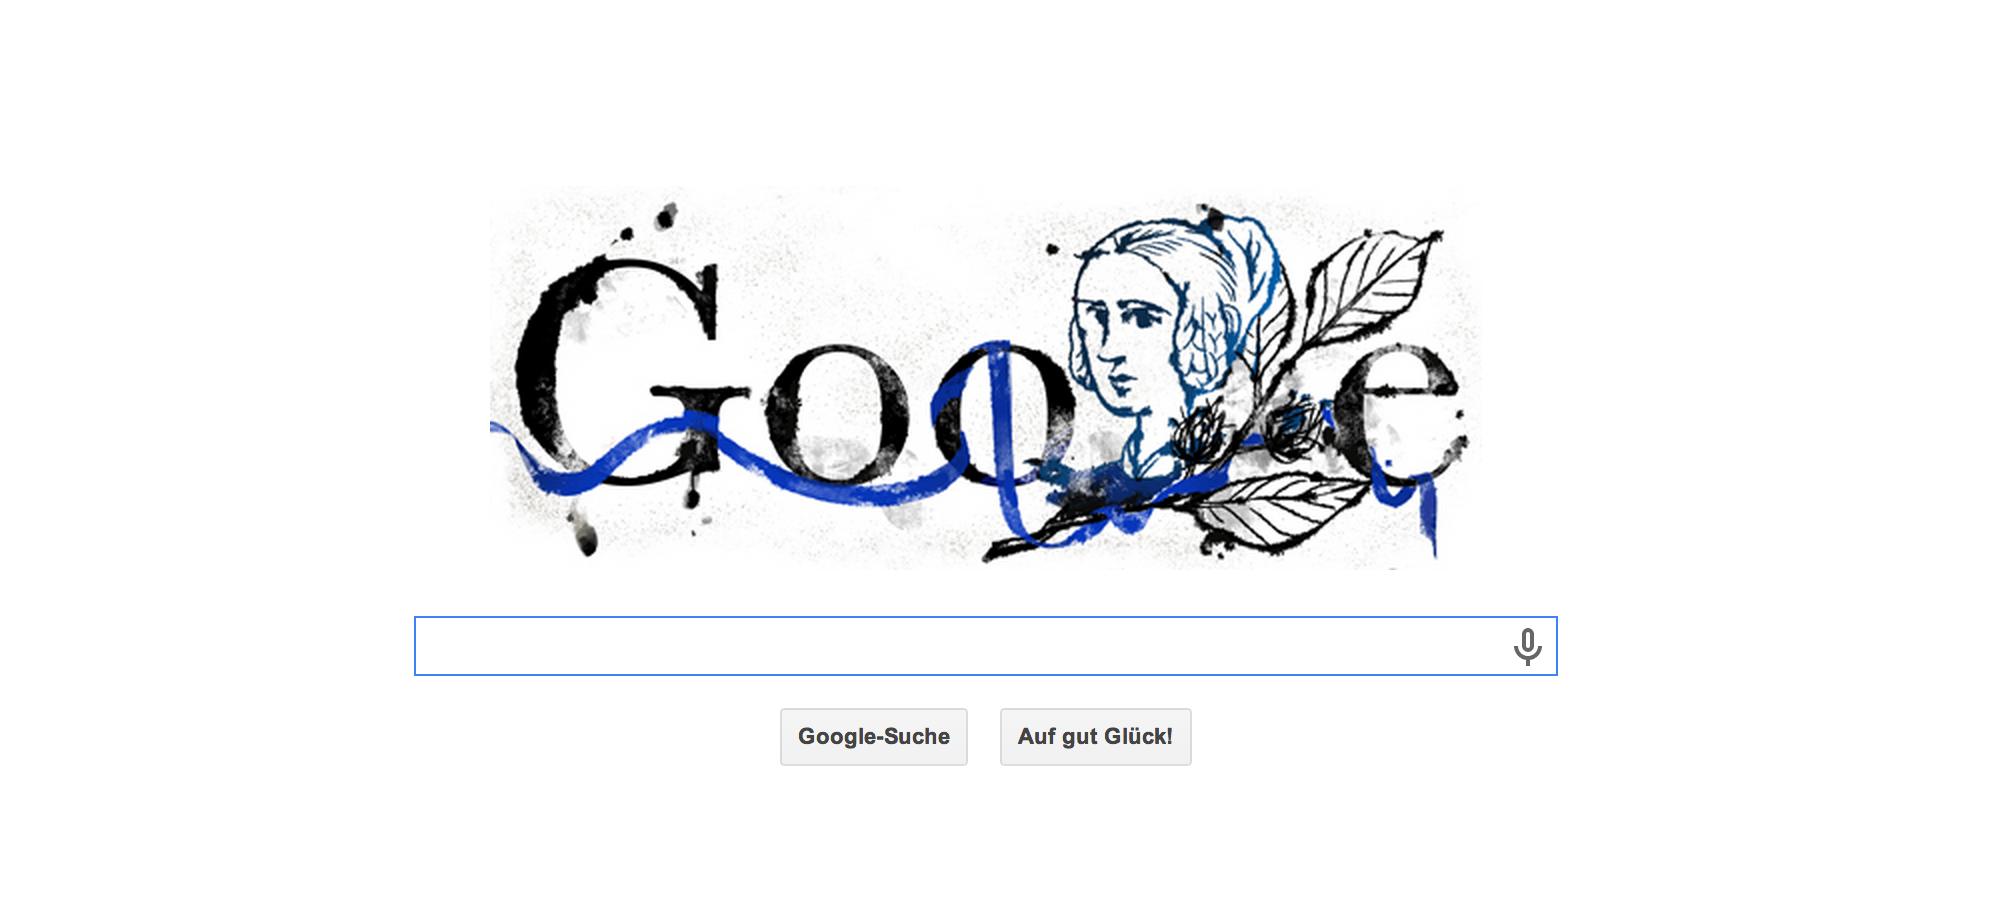 Google Doodle zum 217. Geburtstag von Annette von Droste-Hülshoff, eine der bedeutendsten Dichterinnen Deutschlands. Sie war auch das Gesicht auf dem neuen 20 DM-Schein.